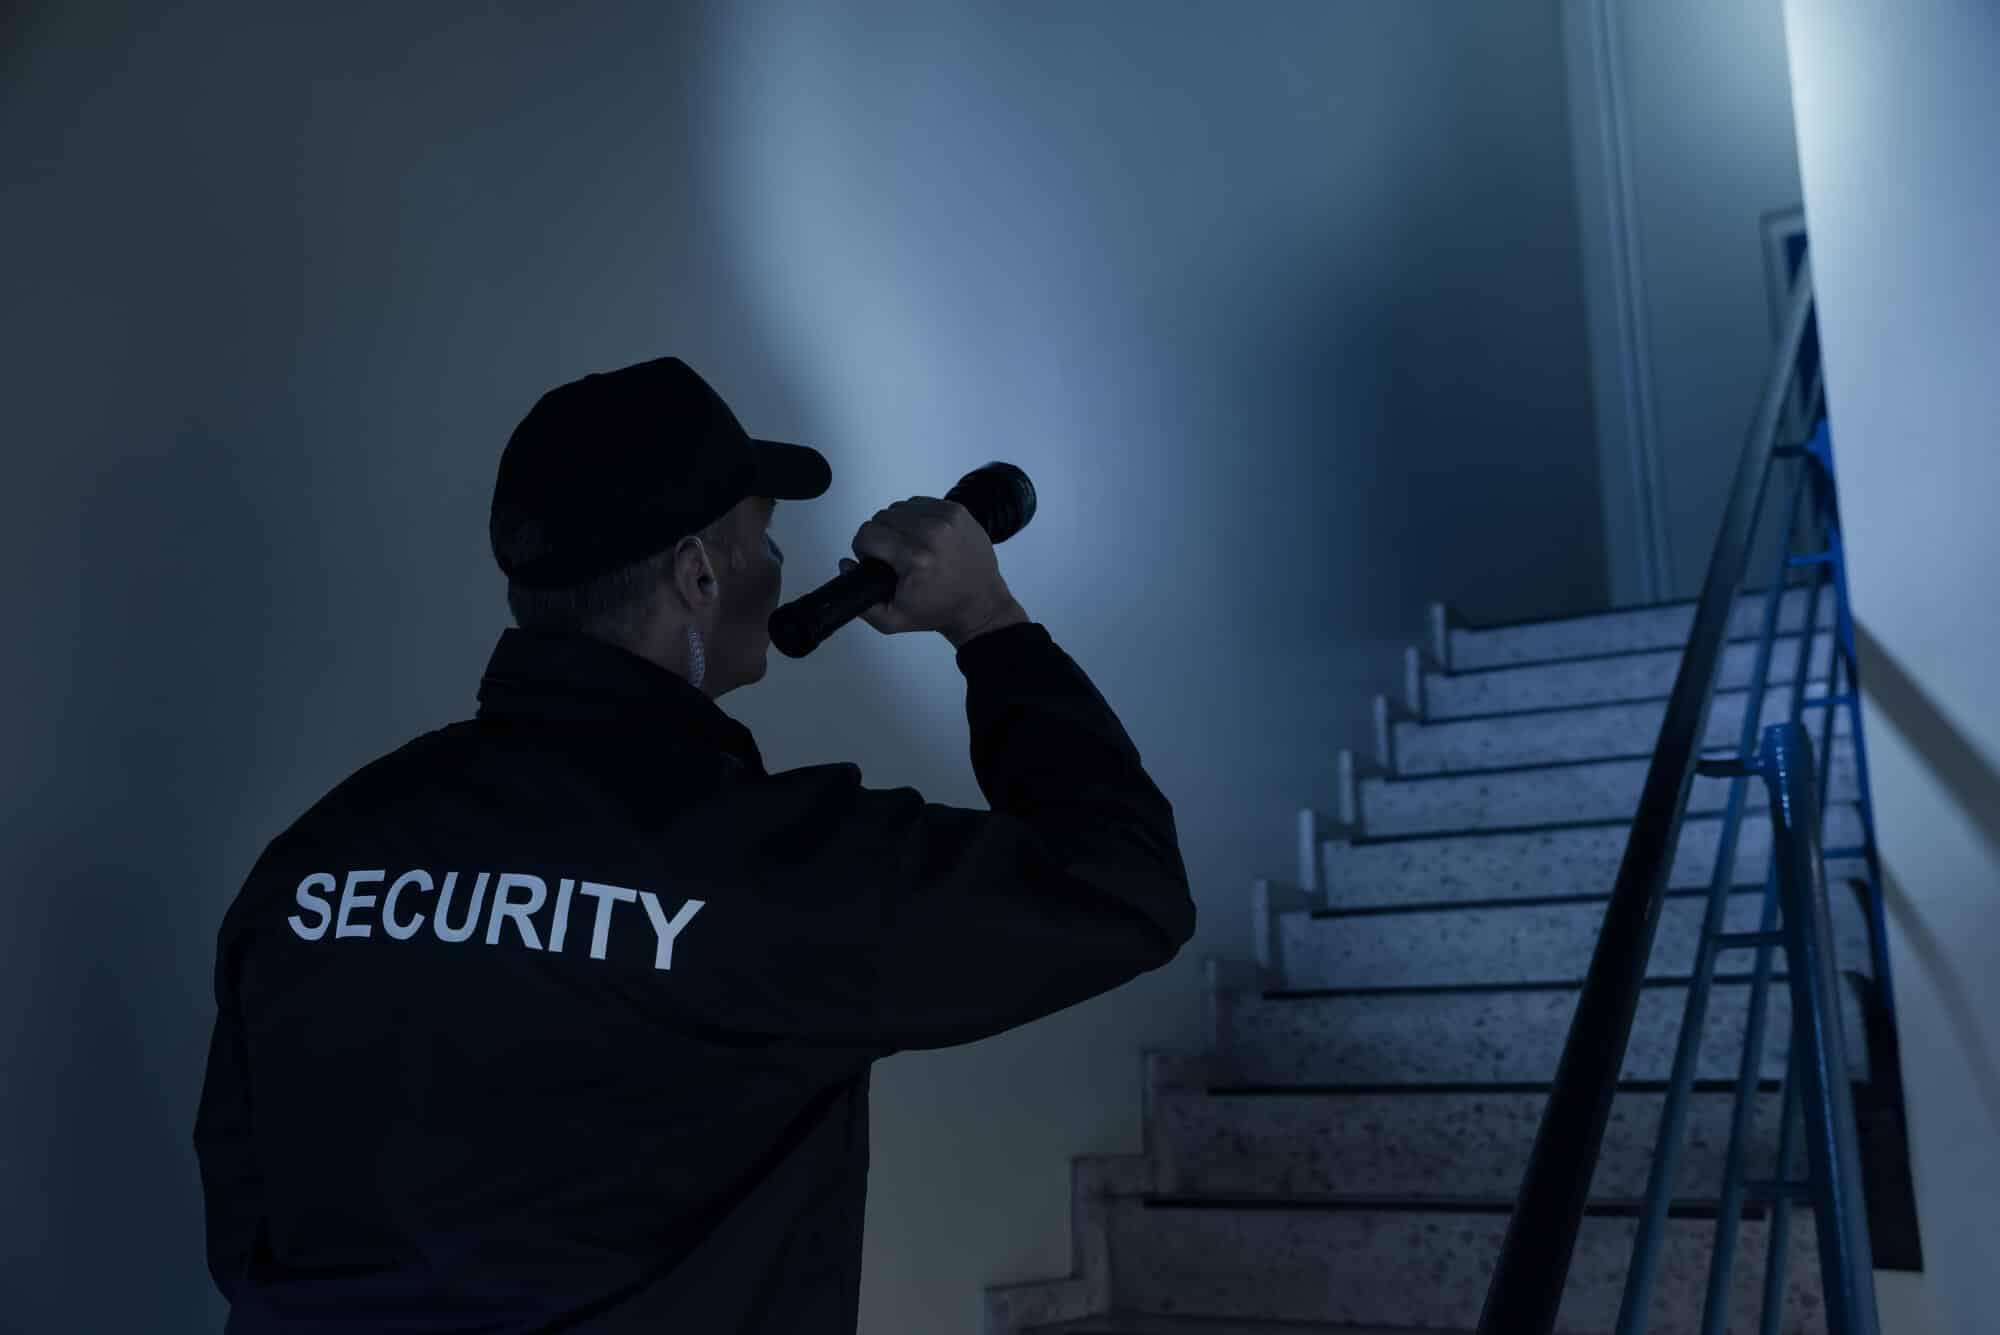 Atividade especial de vigilante: Tema 1.031 do STJ, o que está em jogo?